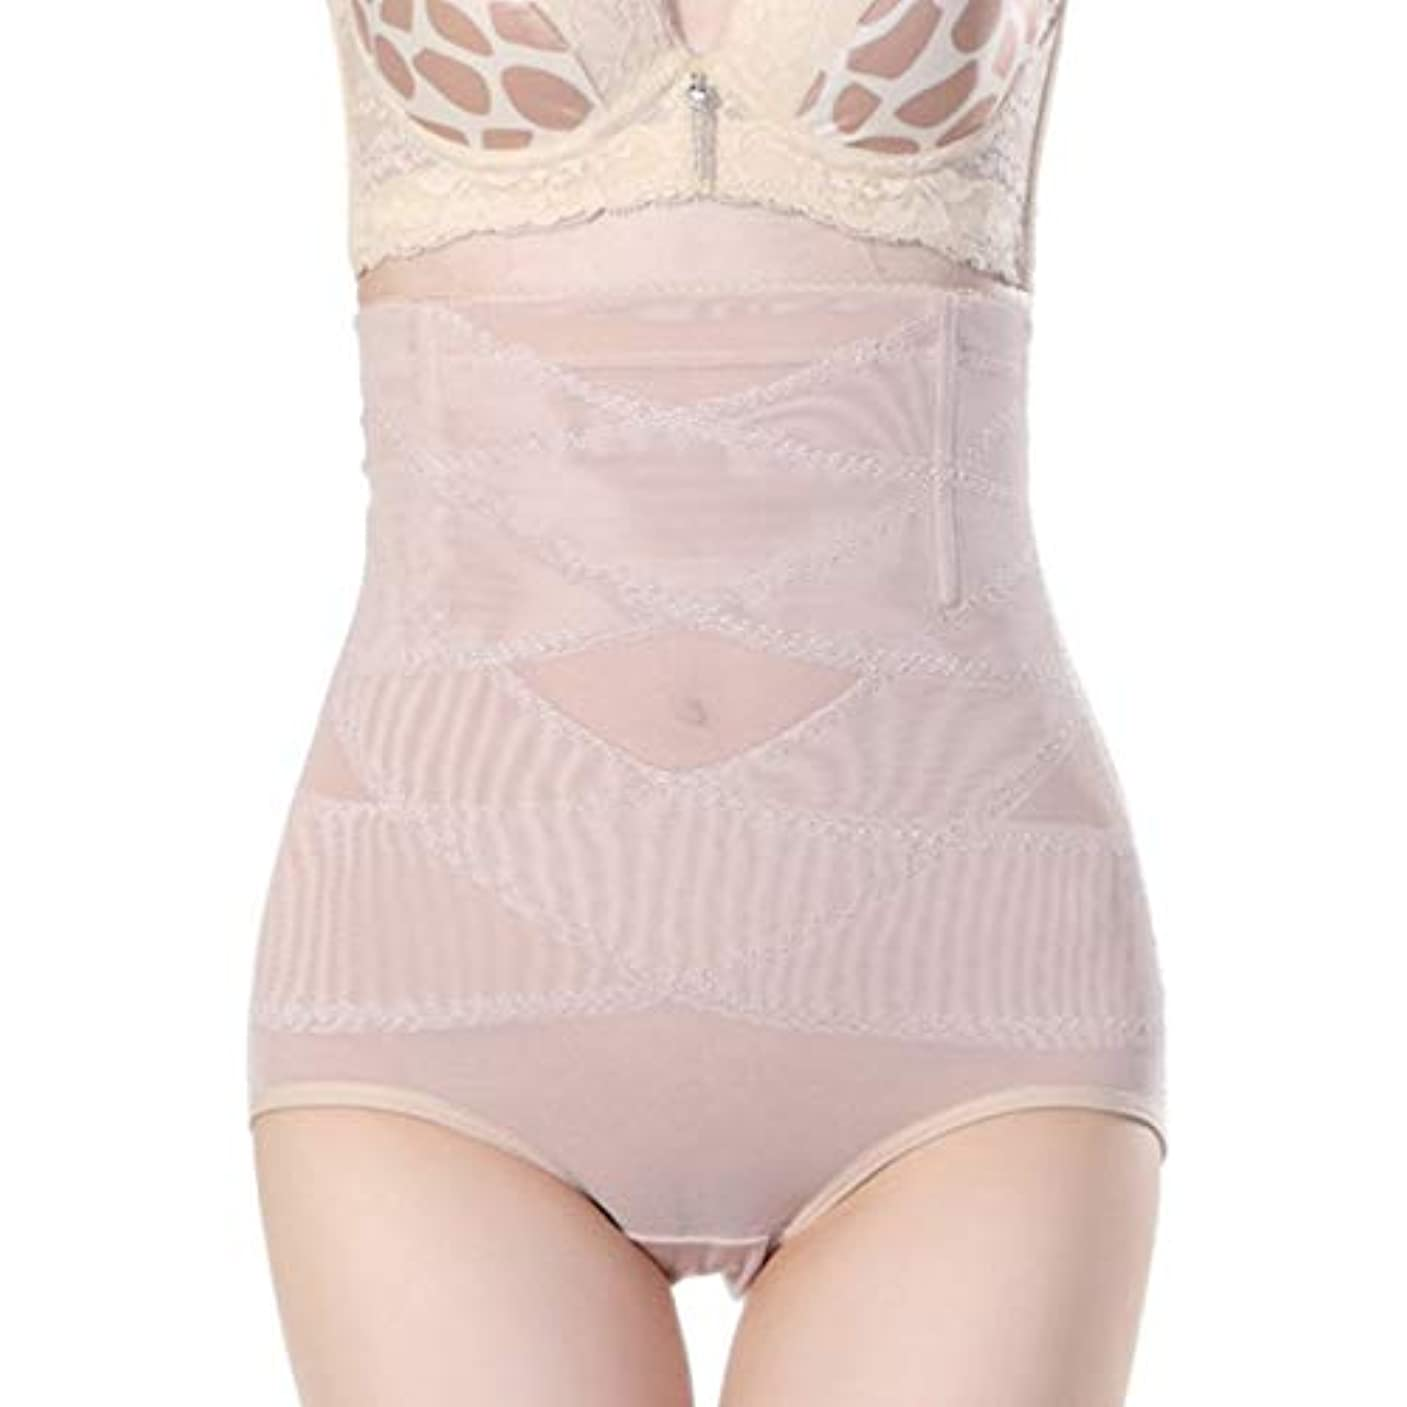 付録静かに見出し腹部制御下着シームレスおなかコントロールパンティーバットリフターボディシェイパーを痩身通気性のハイウエストの女性 - 肌色L